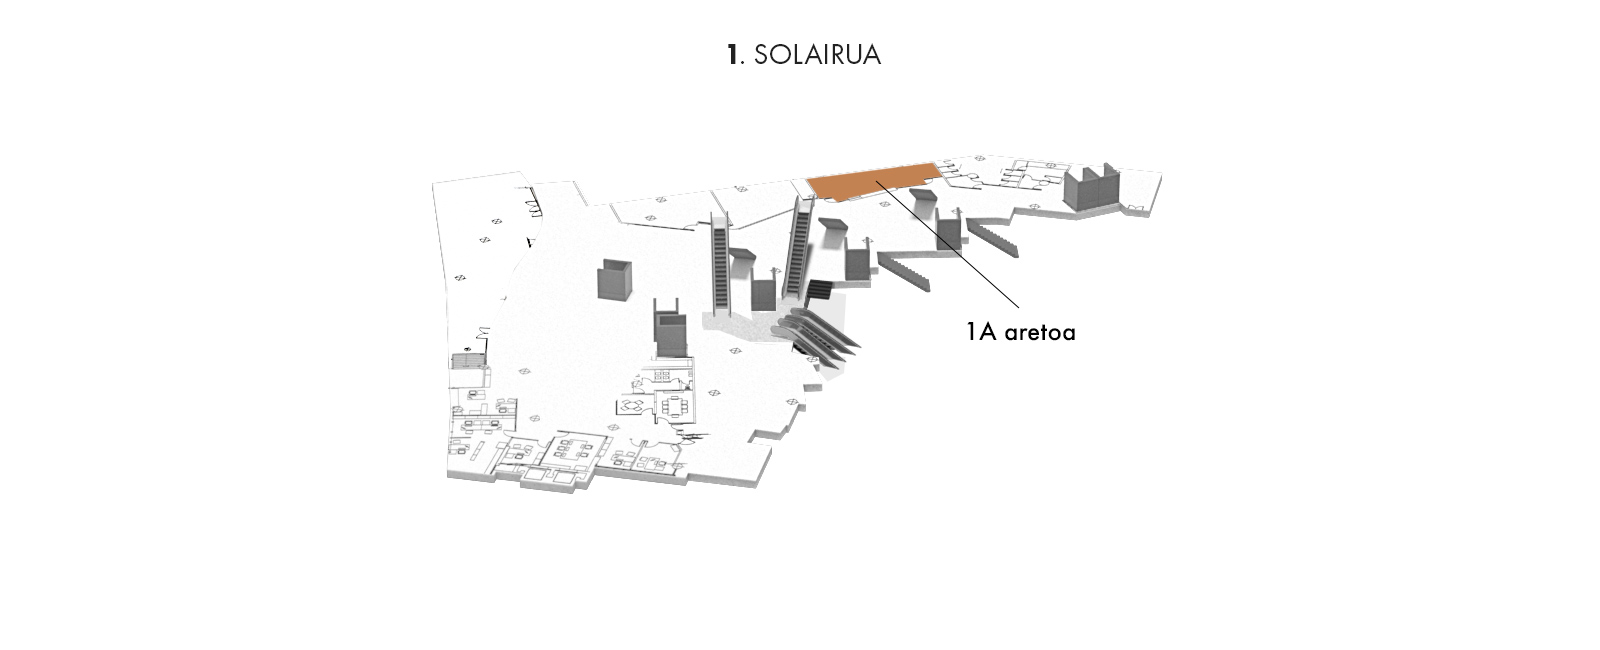 1A aretoa, 1. solairua | Palacio Euskalduna Jauregia